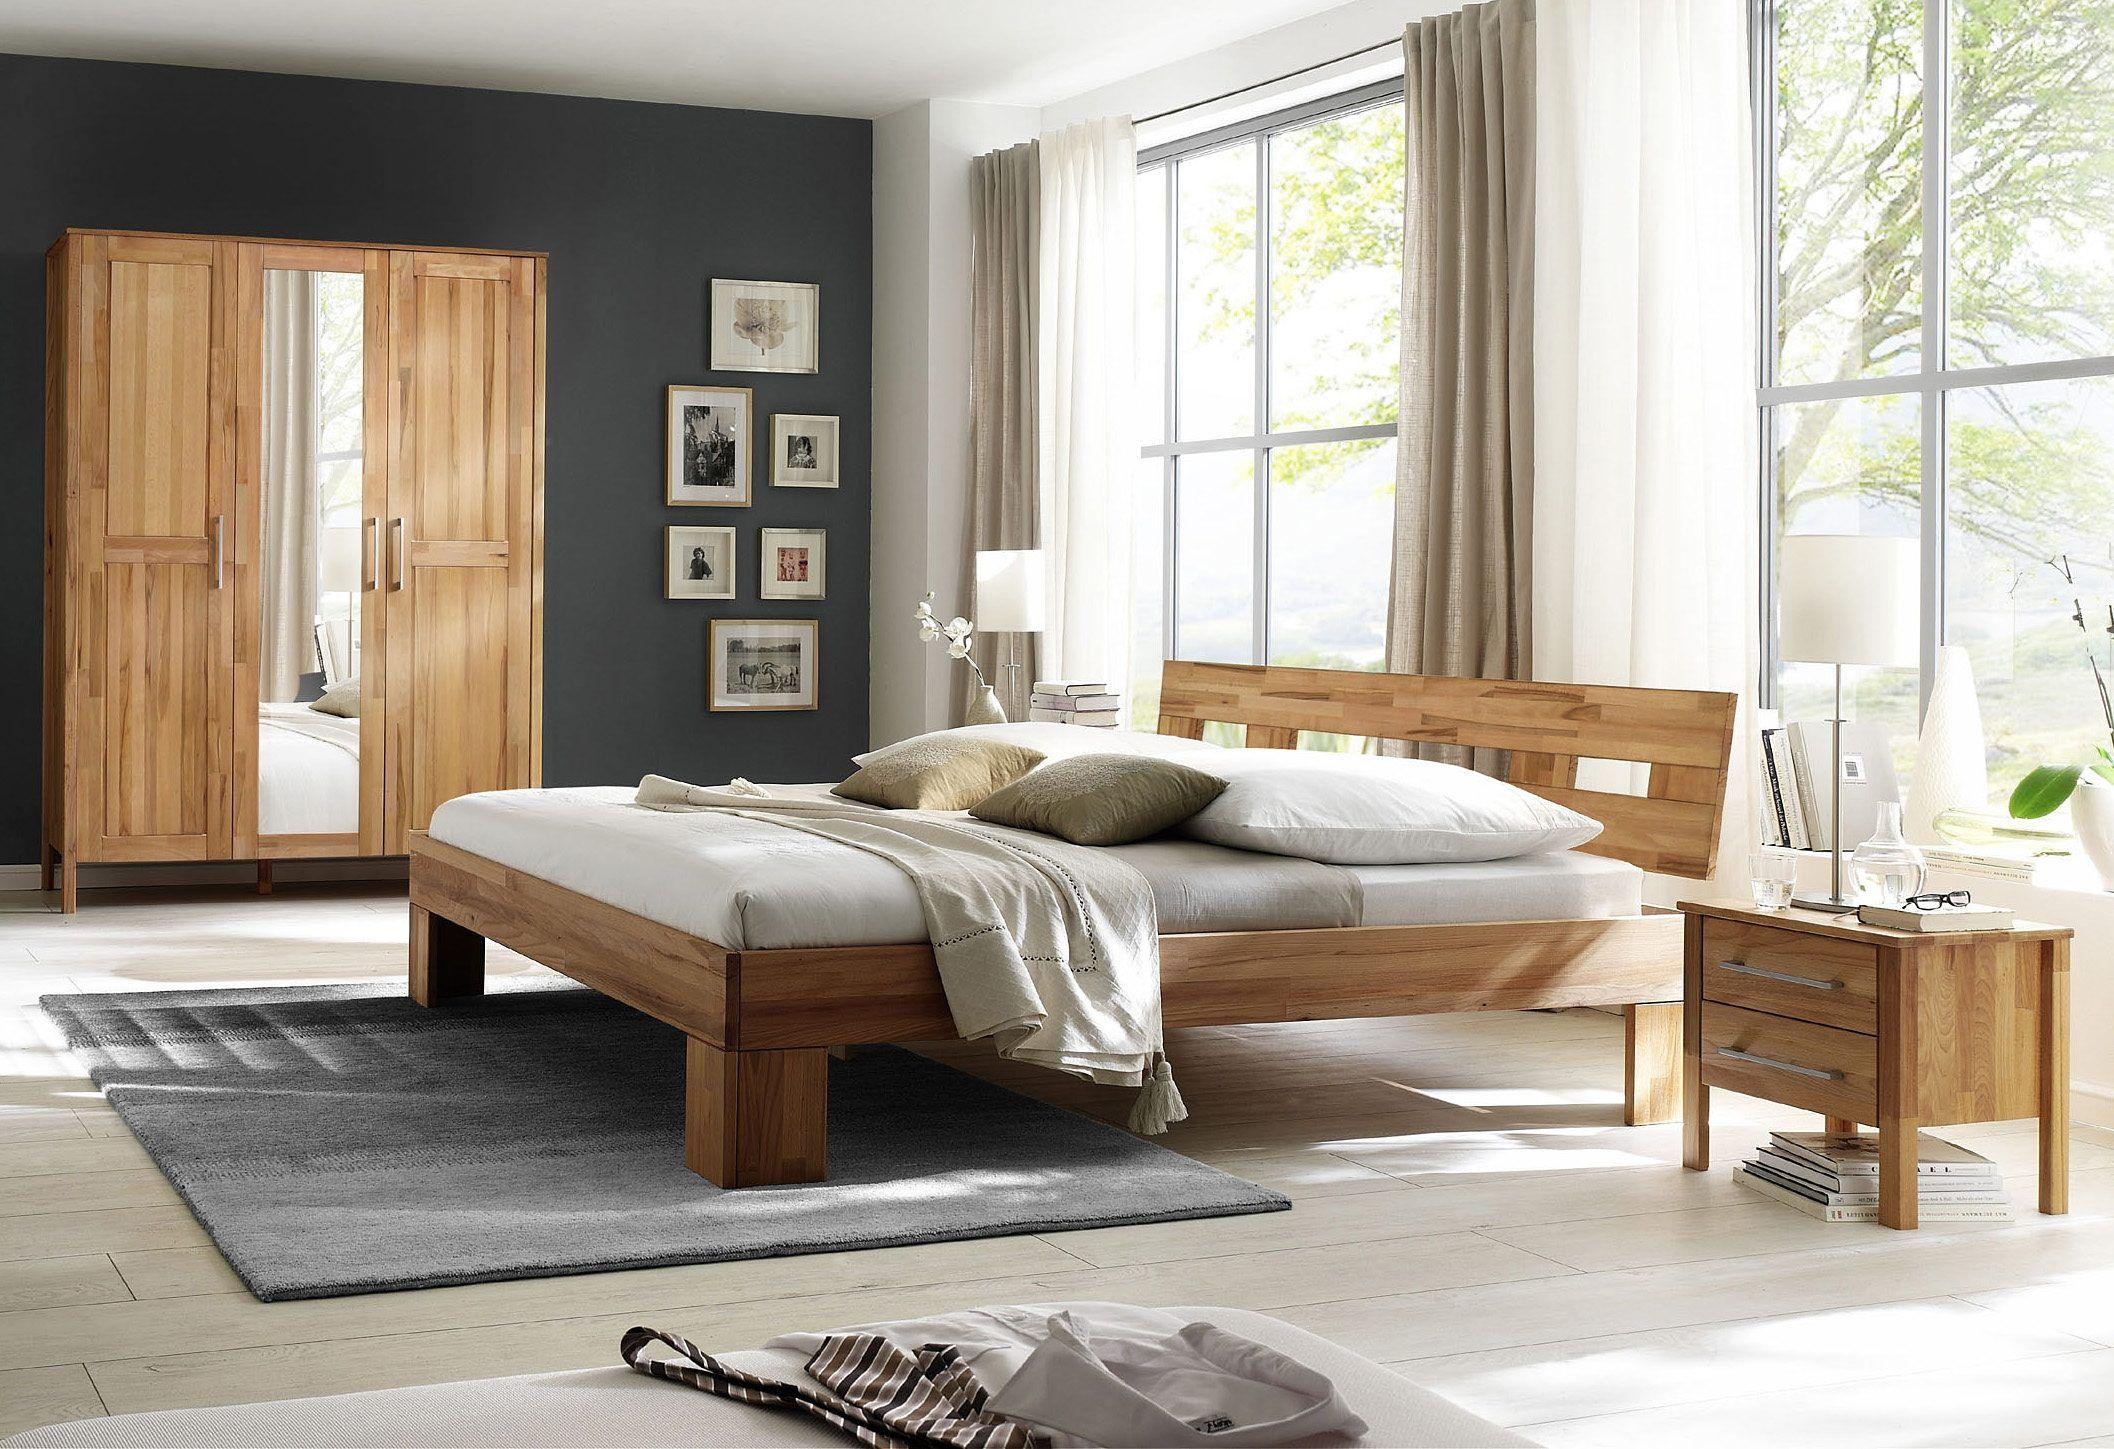 Home affaire, SchlafzimmerSet (4tlg.), »Modesty I« mit 3